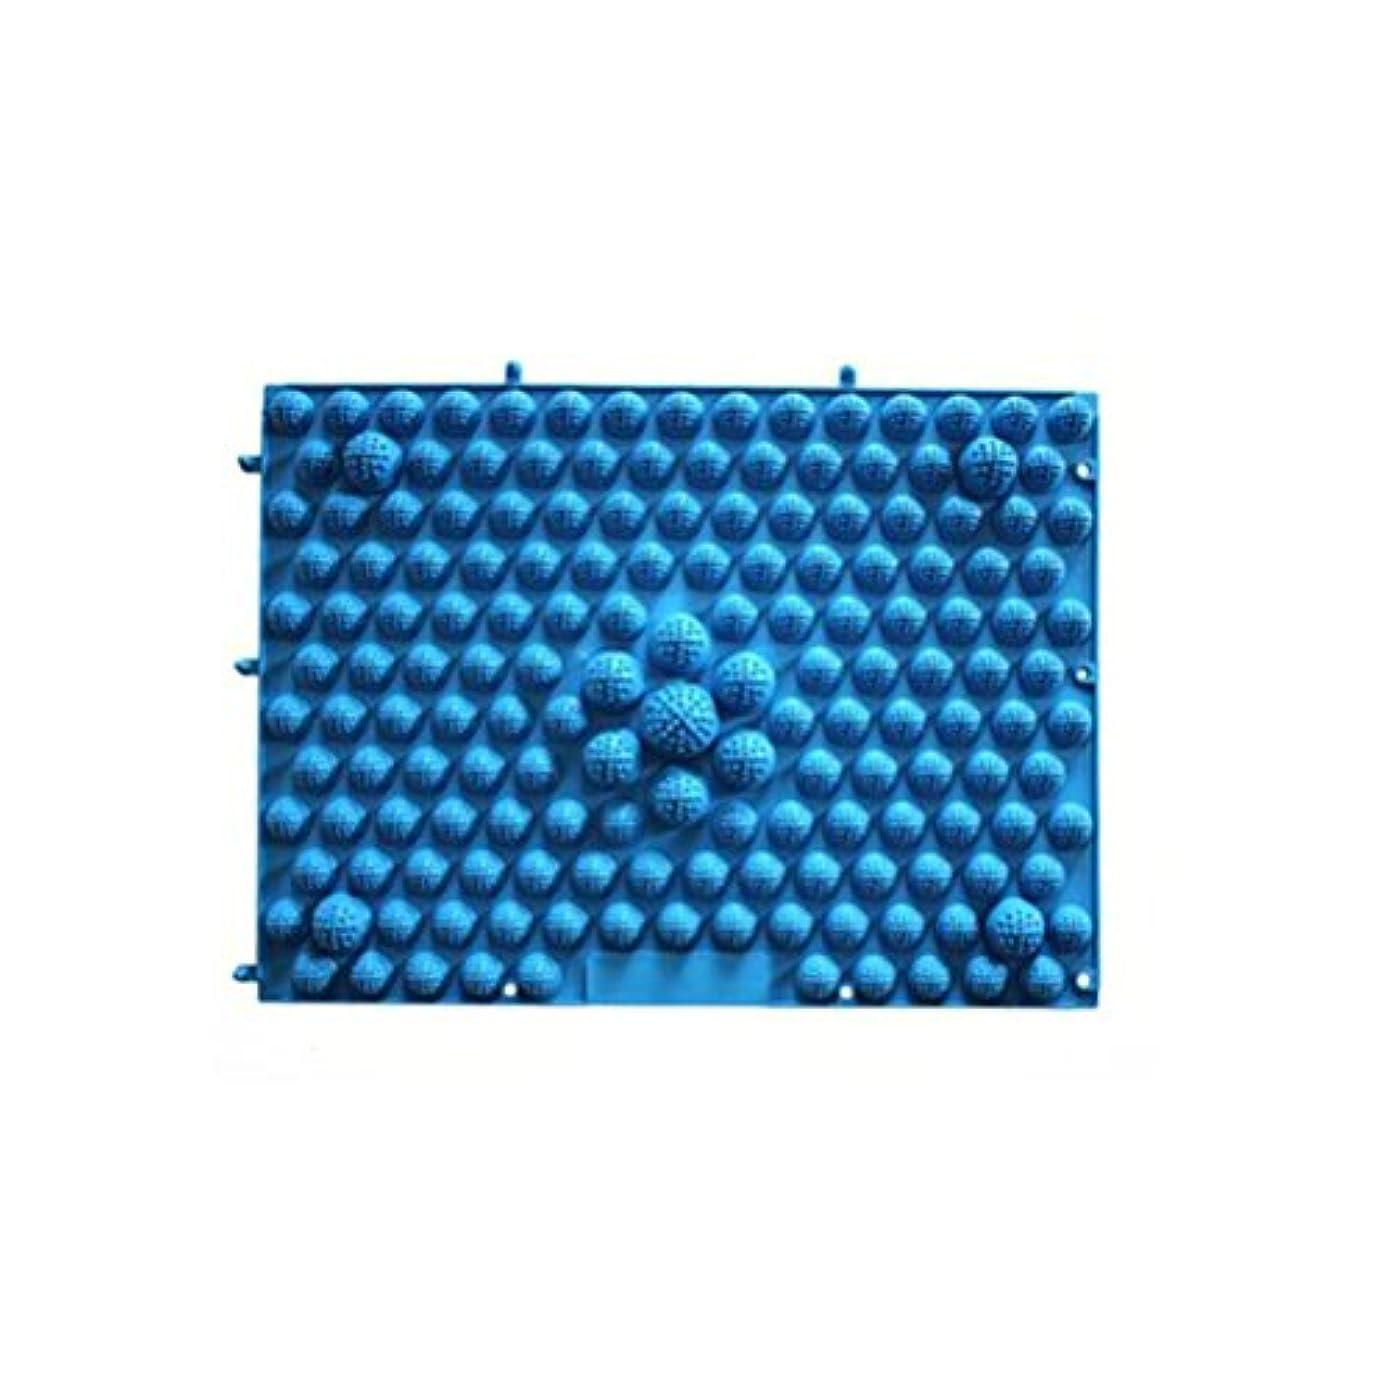 冷ややかなシーフード潮ROSENICE 足マッサージマット 血液循環指圧マットフィートヘルスケアマッサージプレート(ブルー)